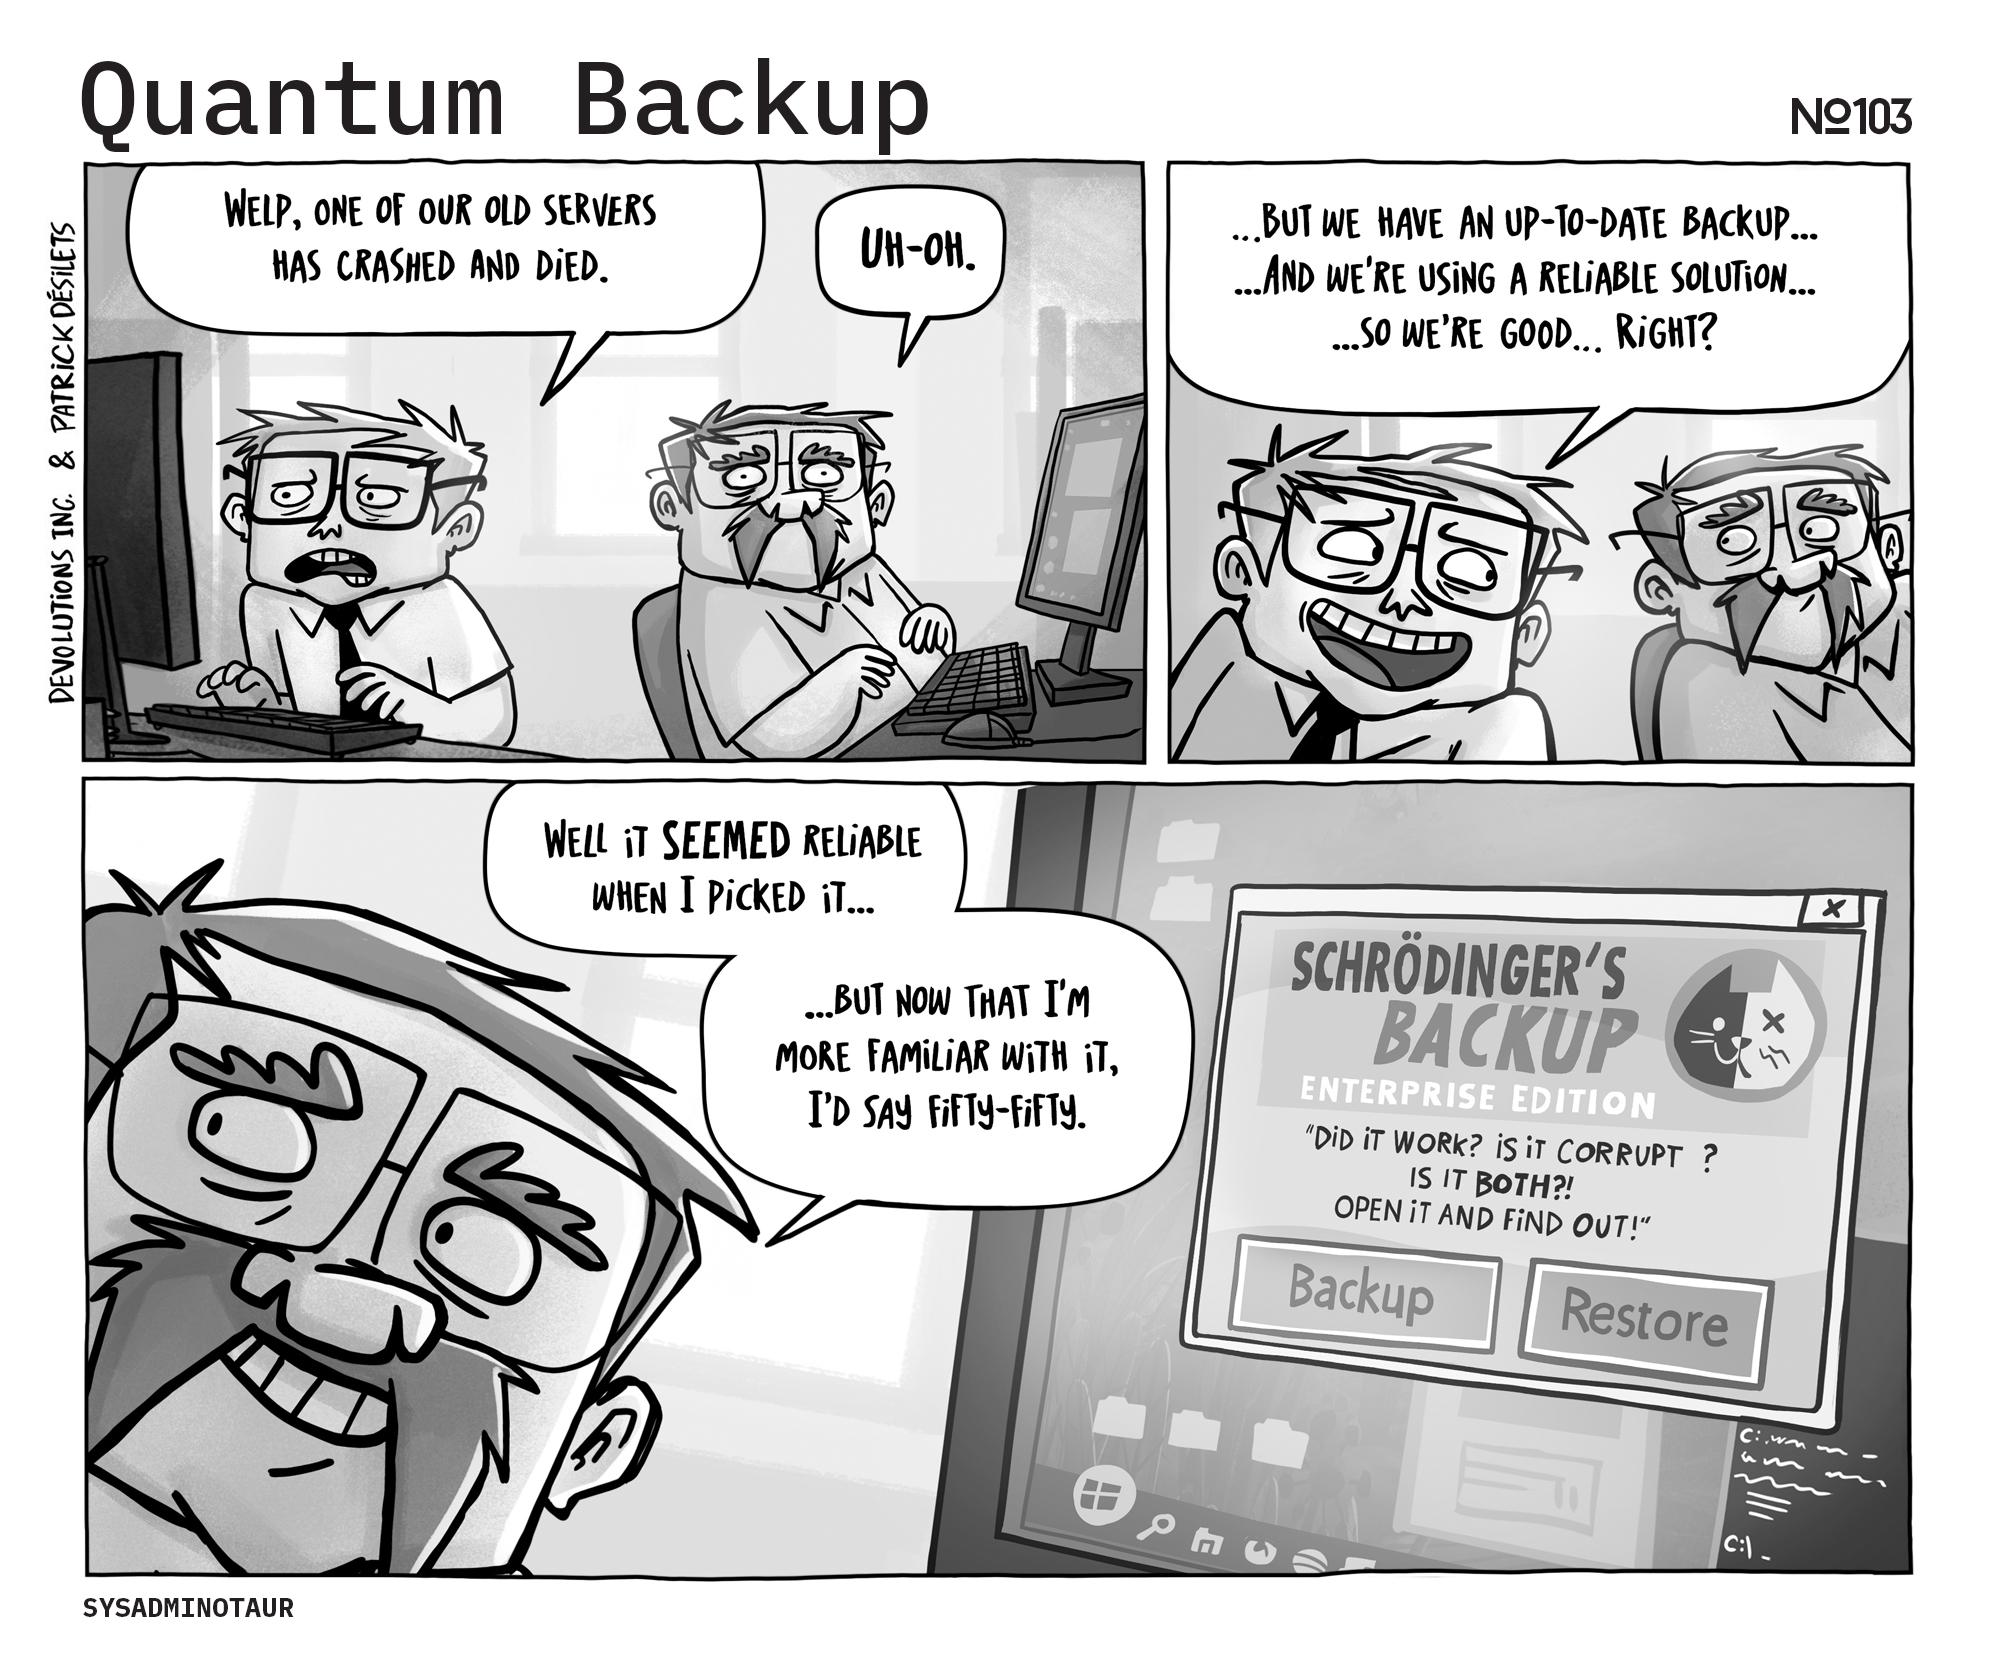 sysadminotaur-103-quantum_backup